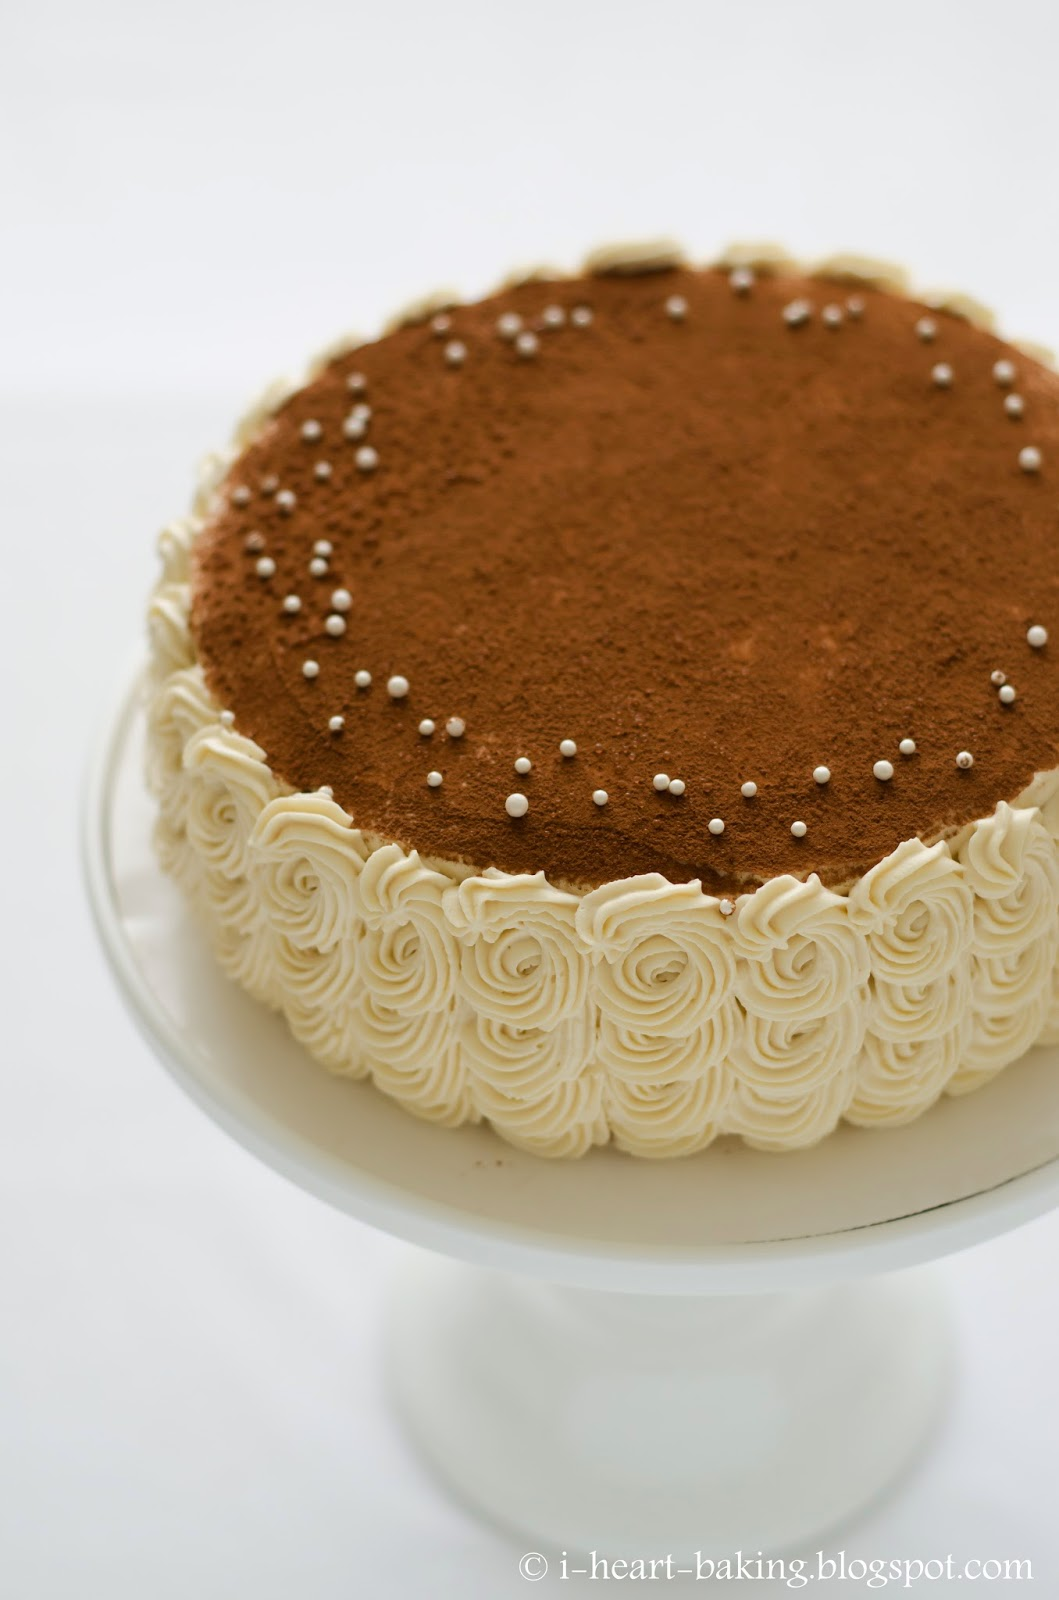 heart baking!: tiramisu birthday cake with piped swirl ruffle sides